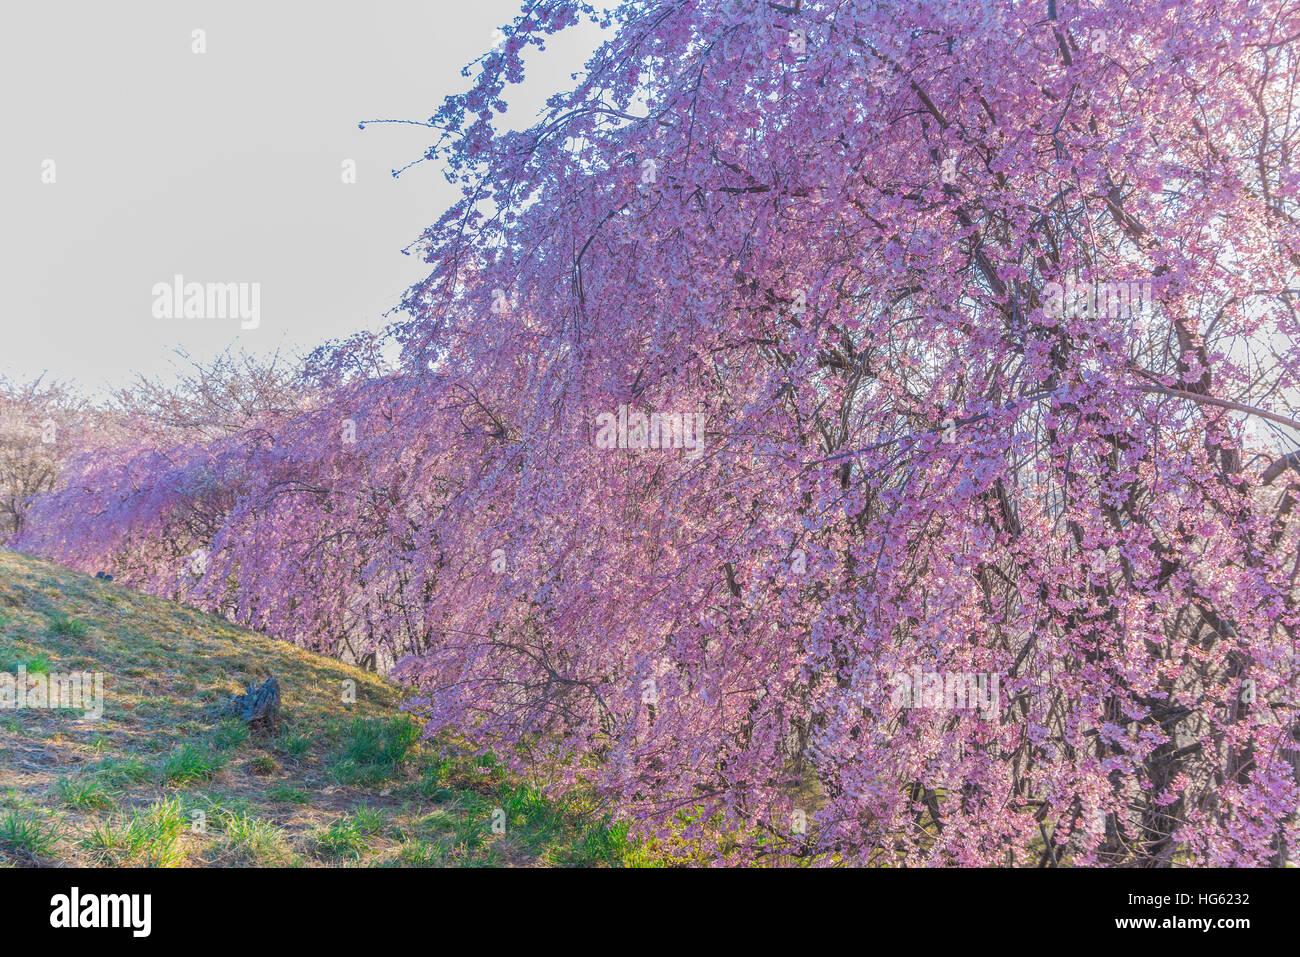 Schöne Wand der Kirschblüte in voller Blüte Stockfoto, Bild ...